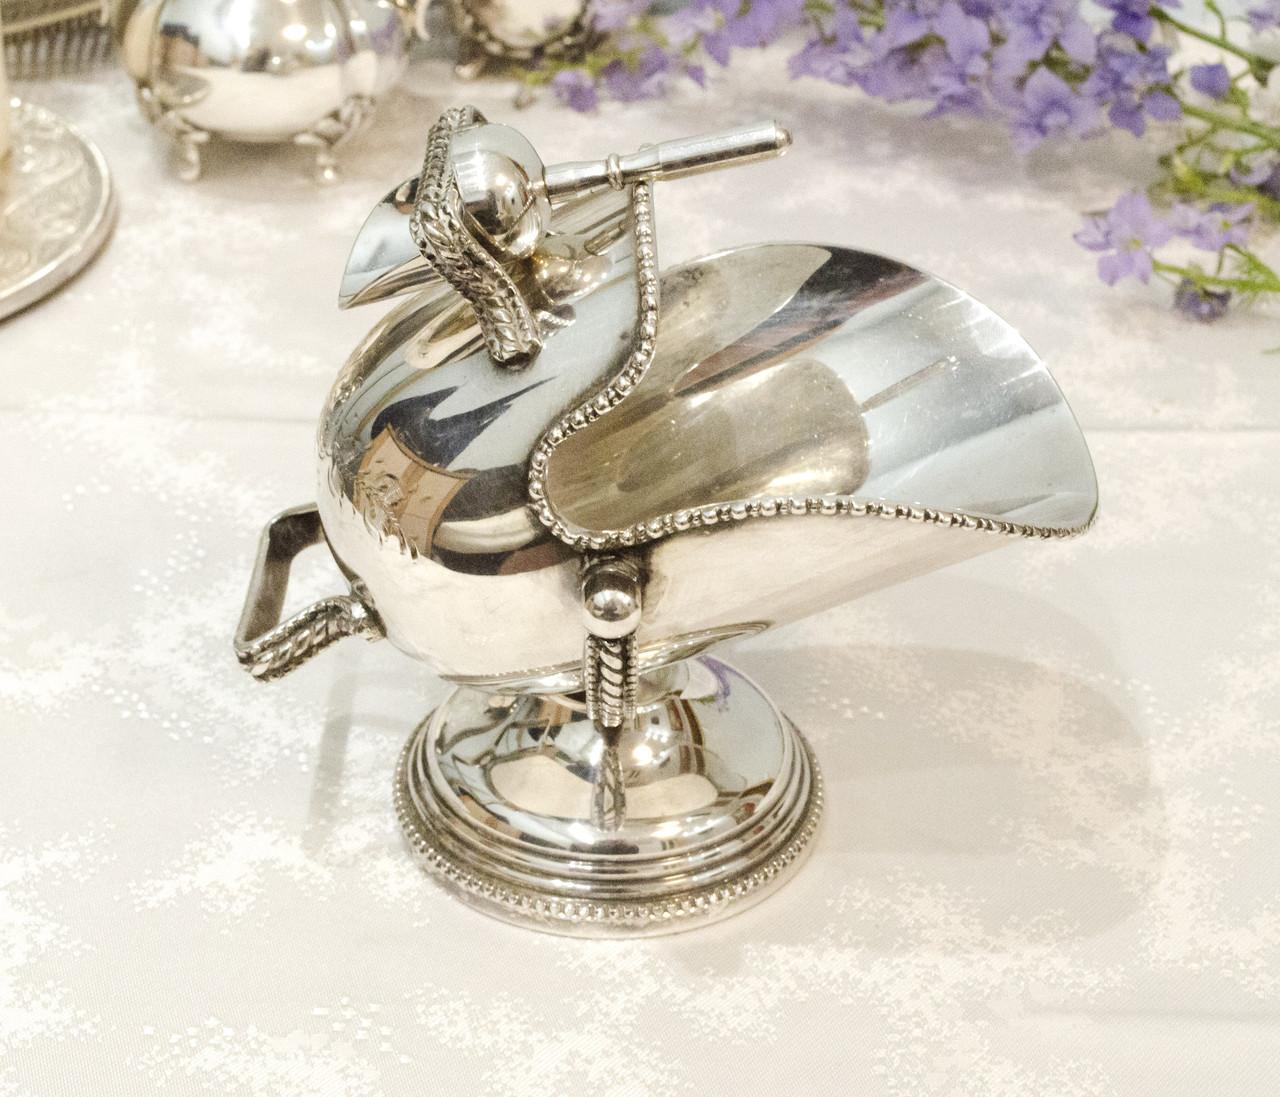 Посріблена англійська цукорниця - зольник, ківш, сріблення, Англія, вінтаж